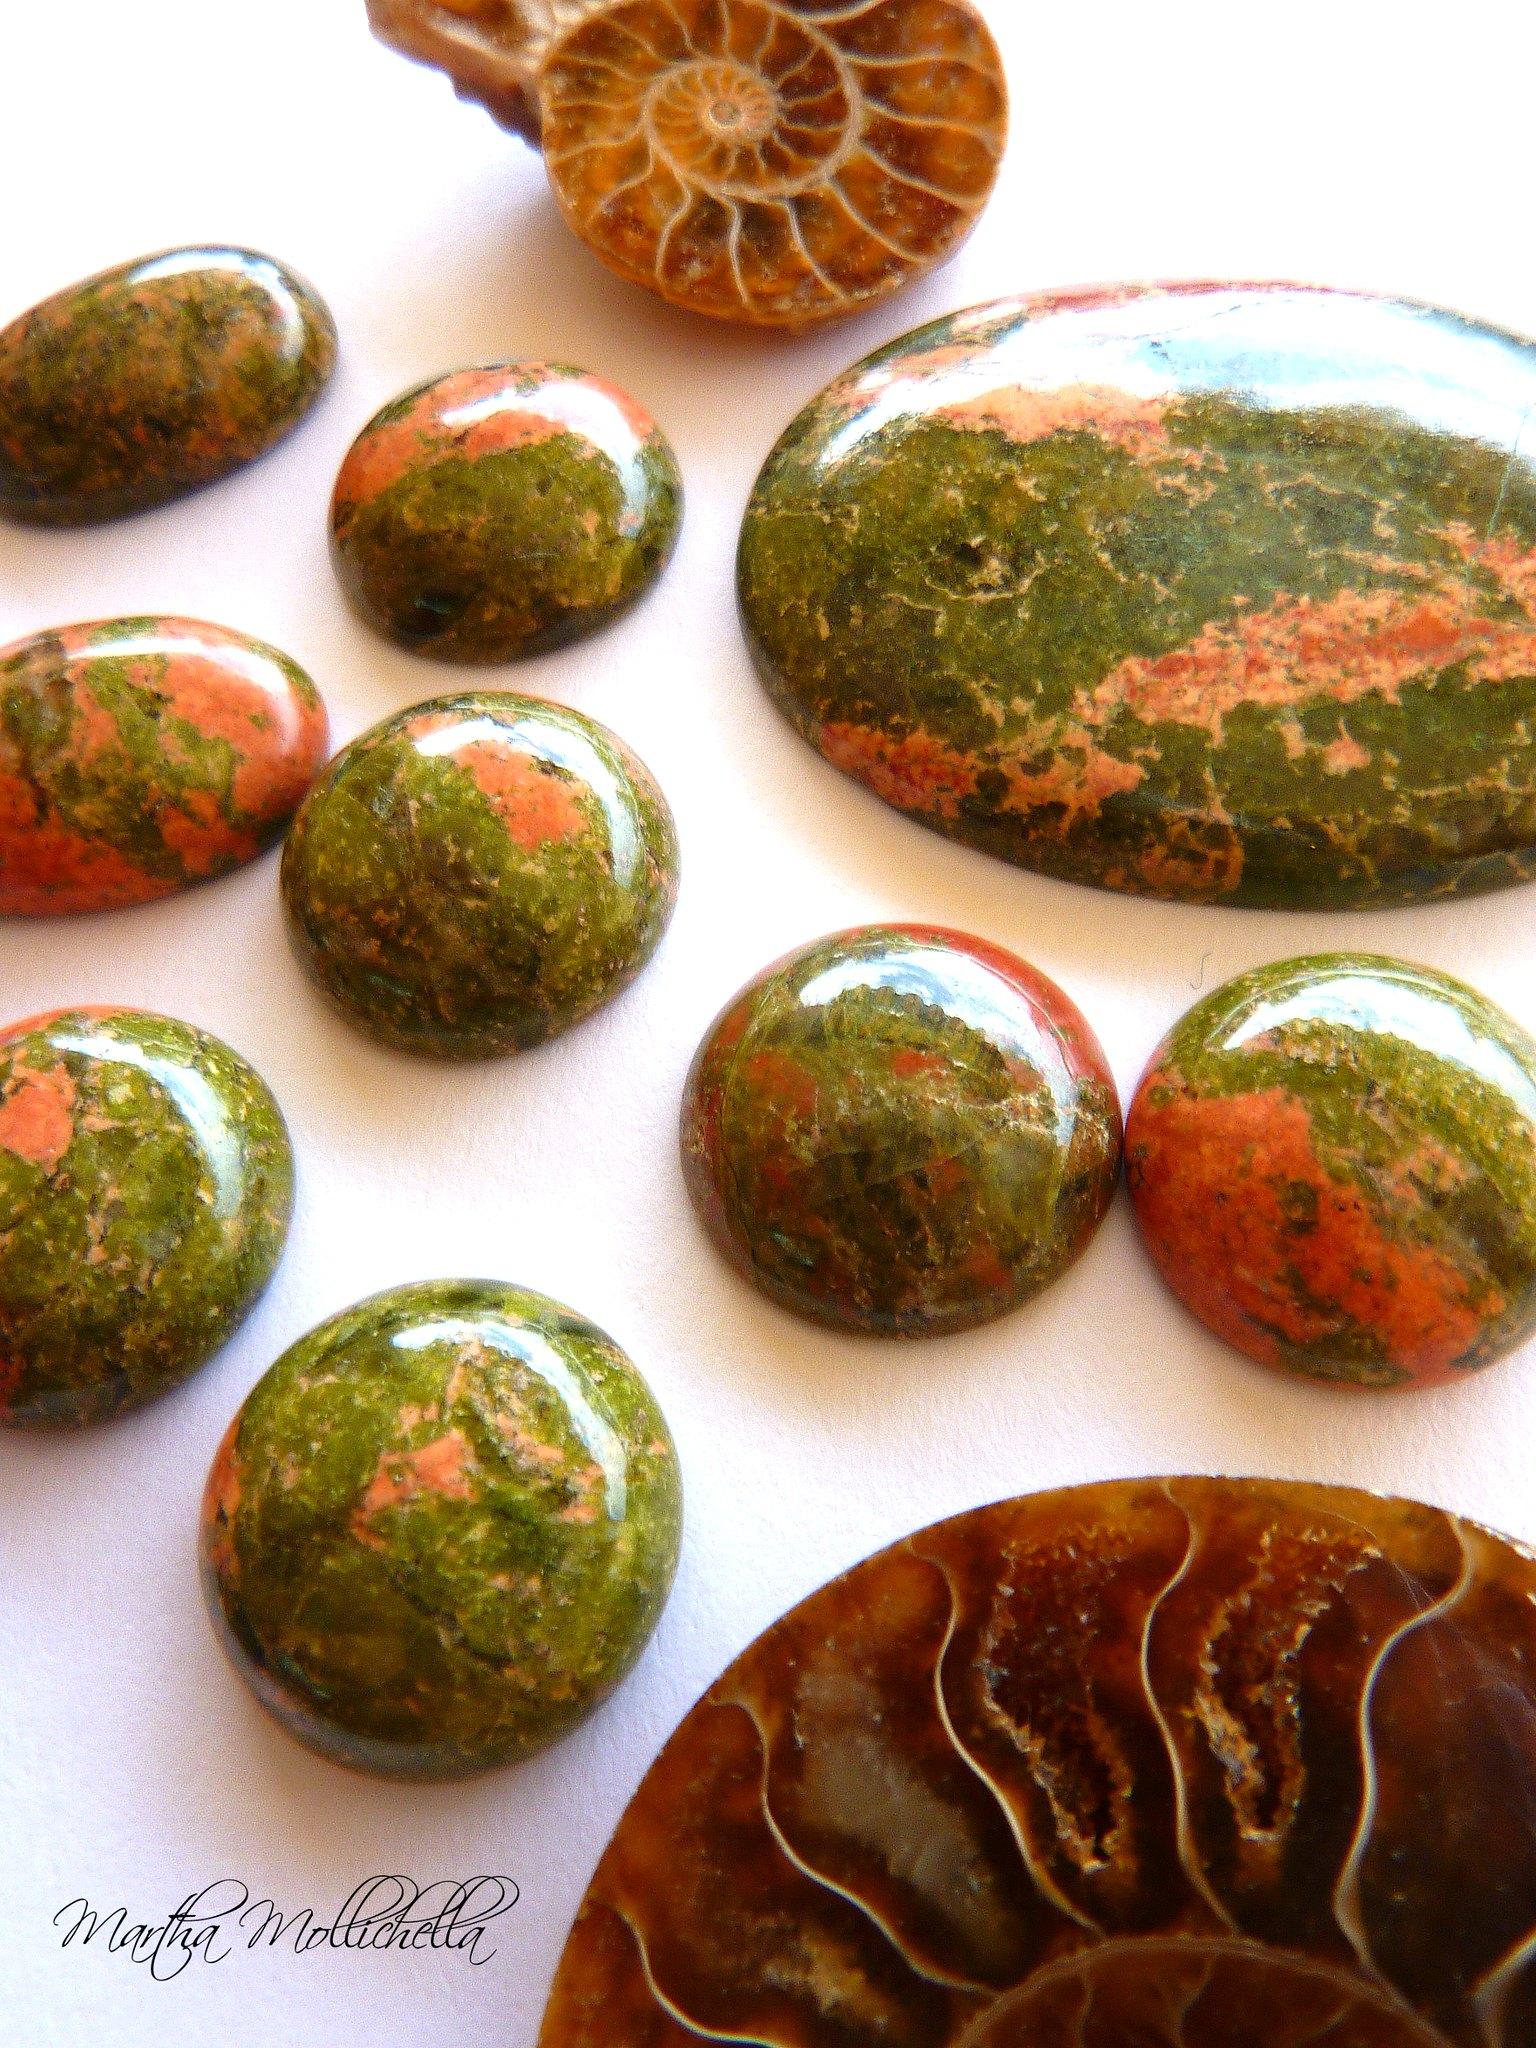 Martha Mollichella favourite semiprecious stones and fossils, ammonite, labradorite, lapislazzuli, unakite, diaspro paesaggio